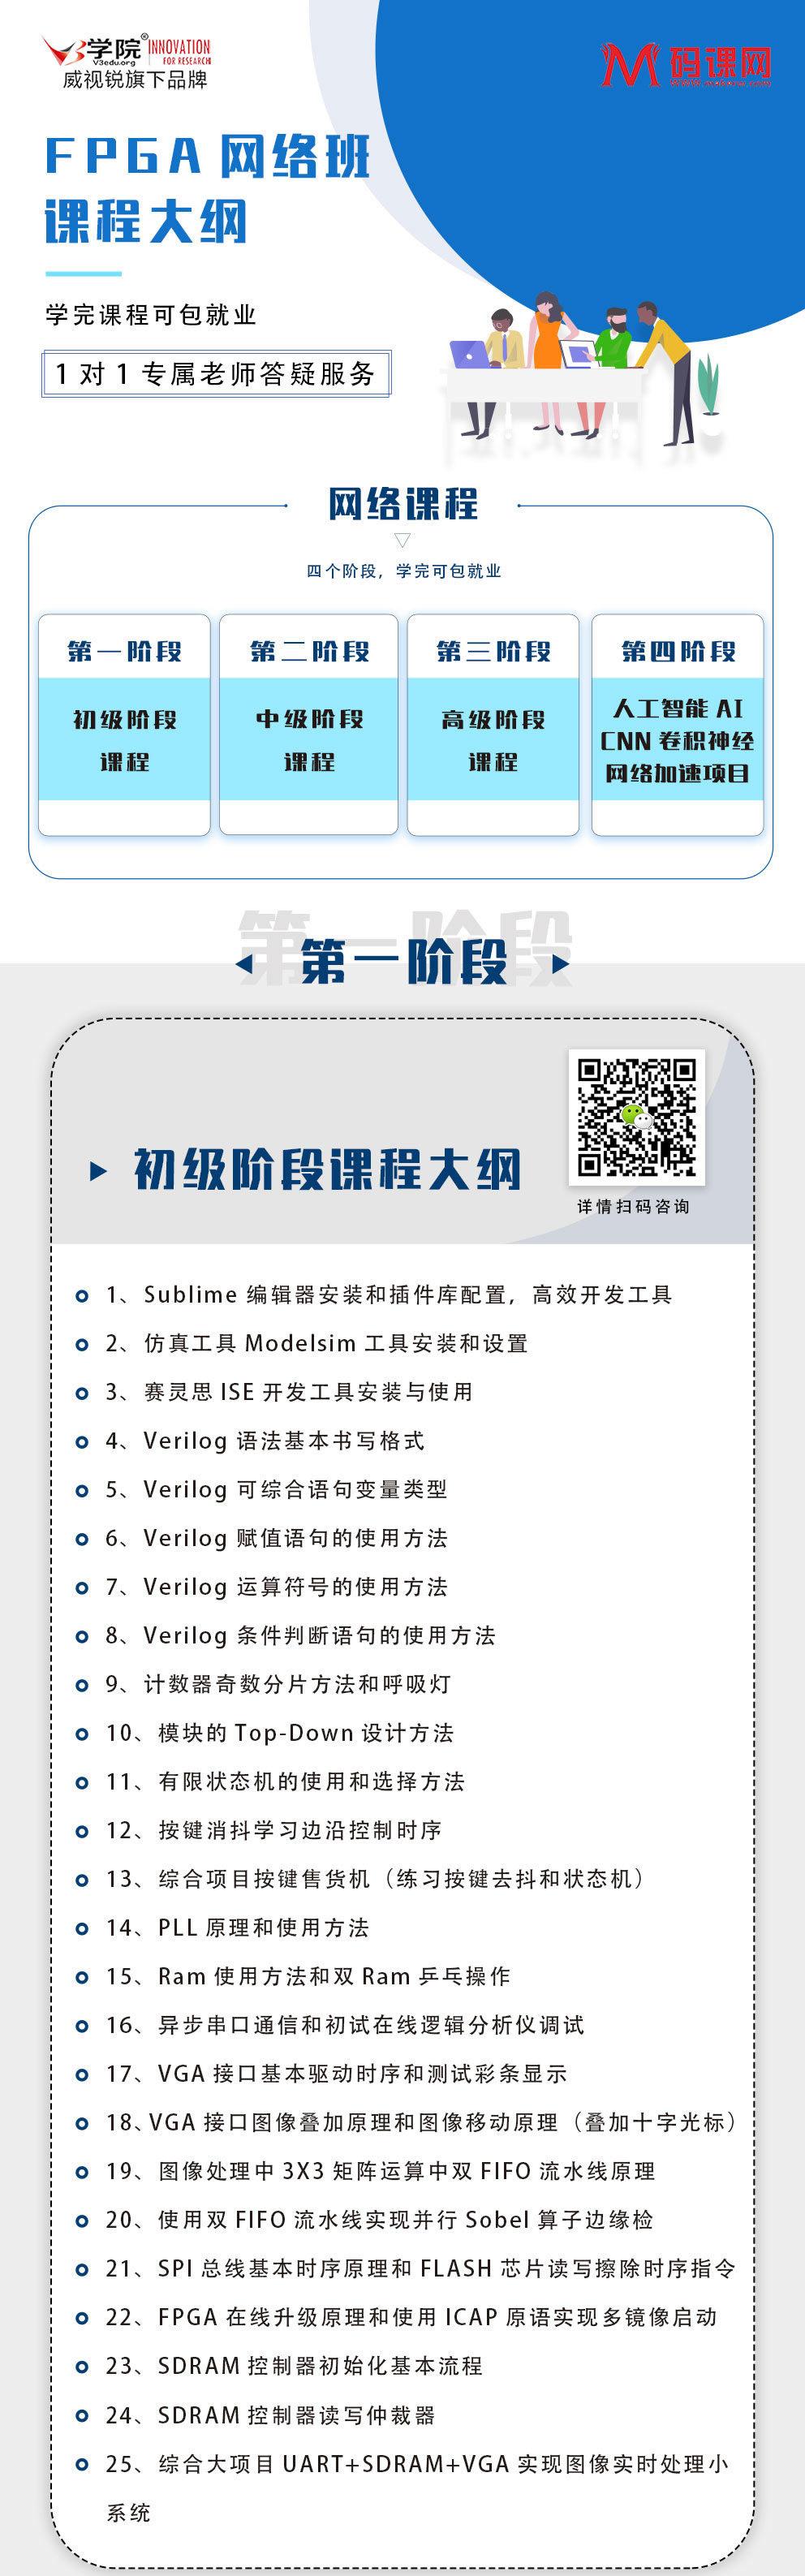 file_1559116445096.jpg